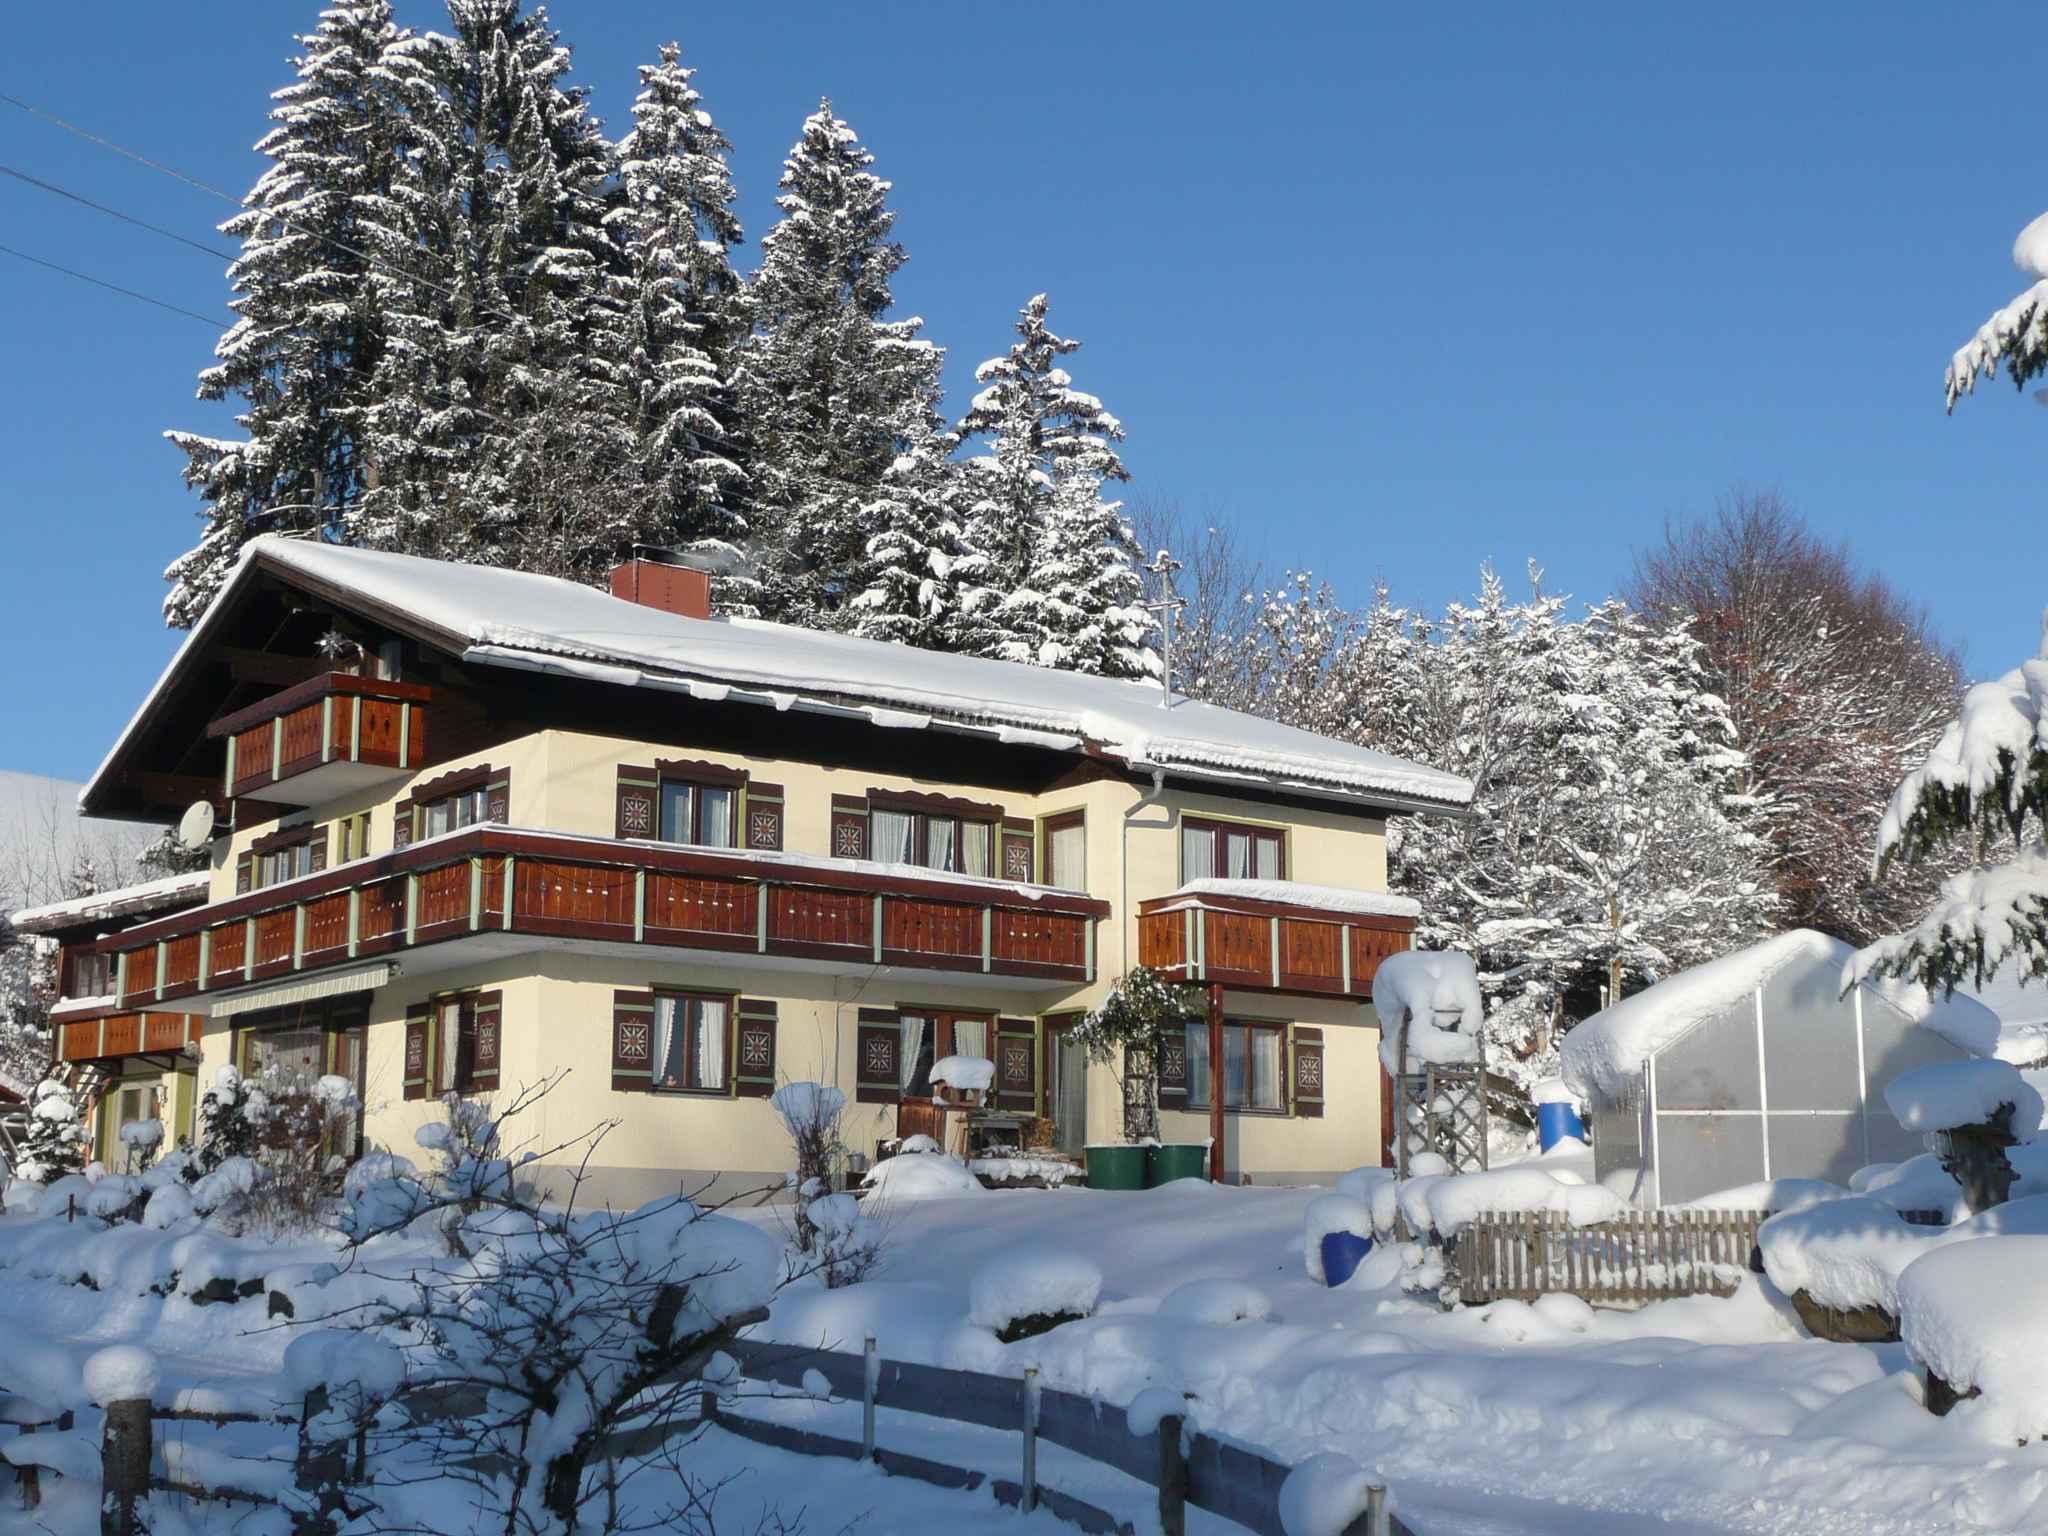 Ferienwohnung mit Balkon (586883), Immenstadt, Allgäu (Bayern), Bayern, Deutschland, Bild 2